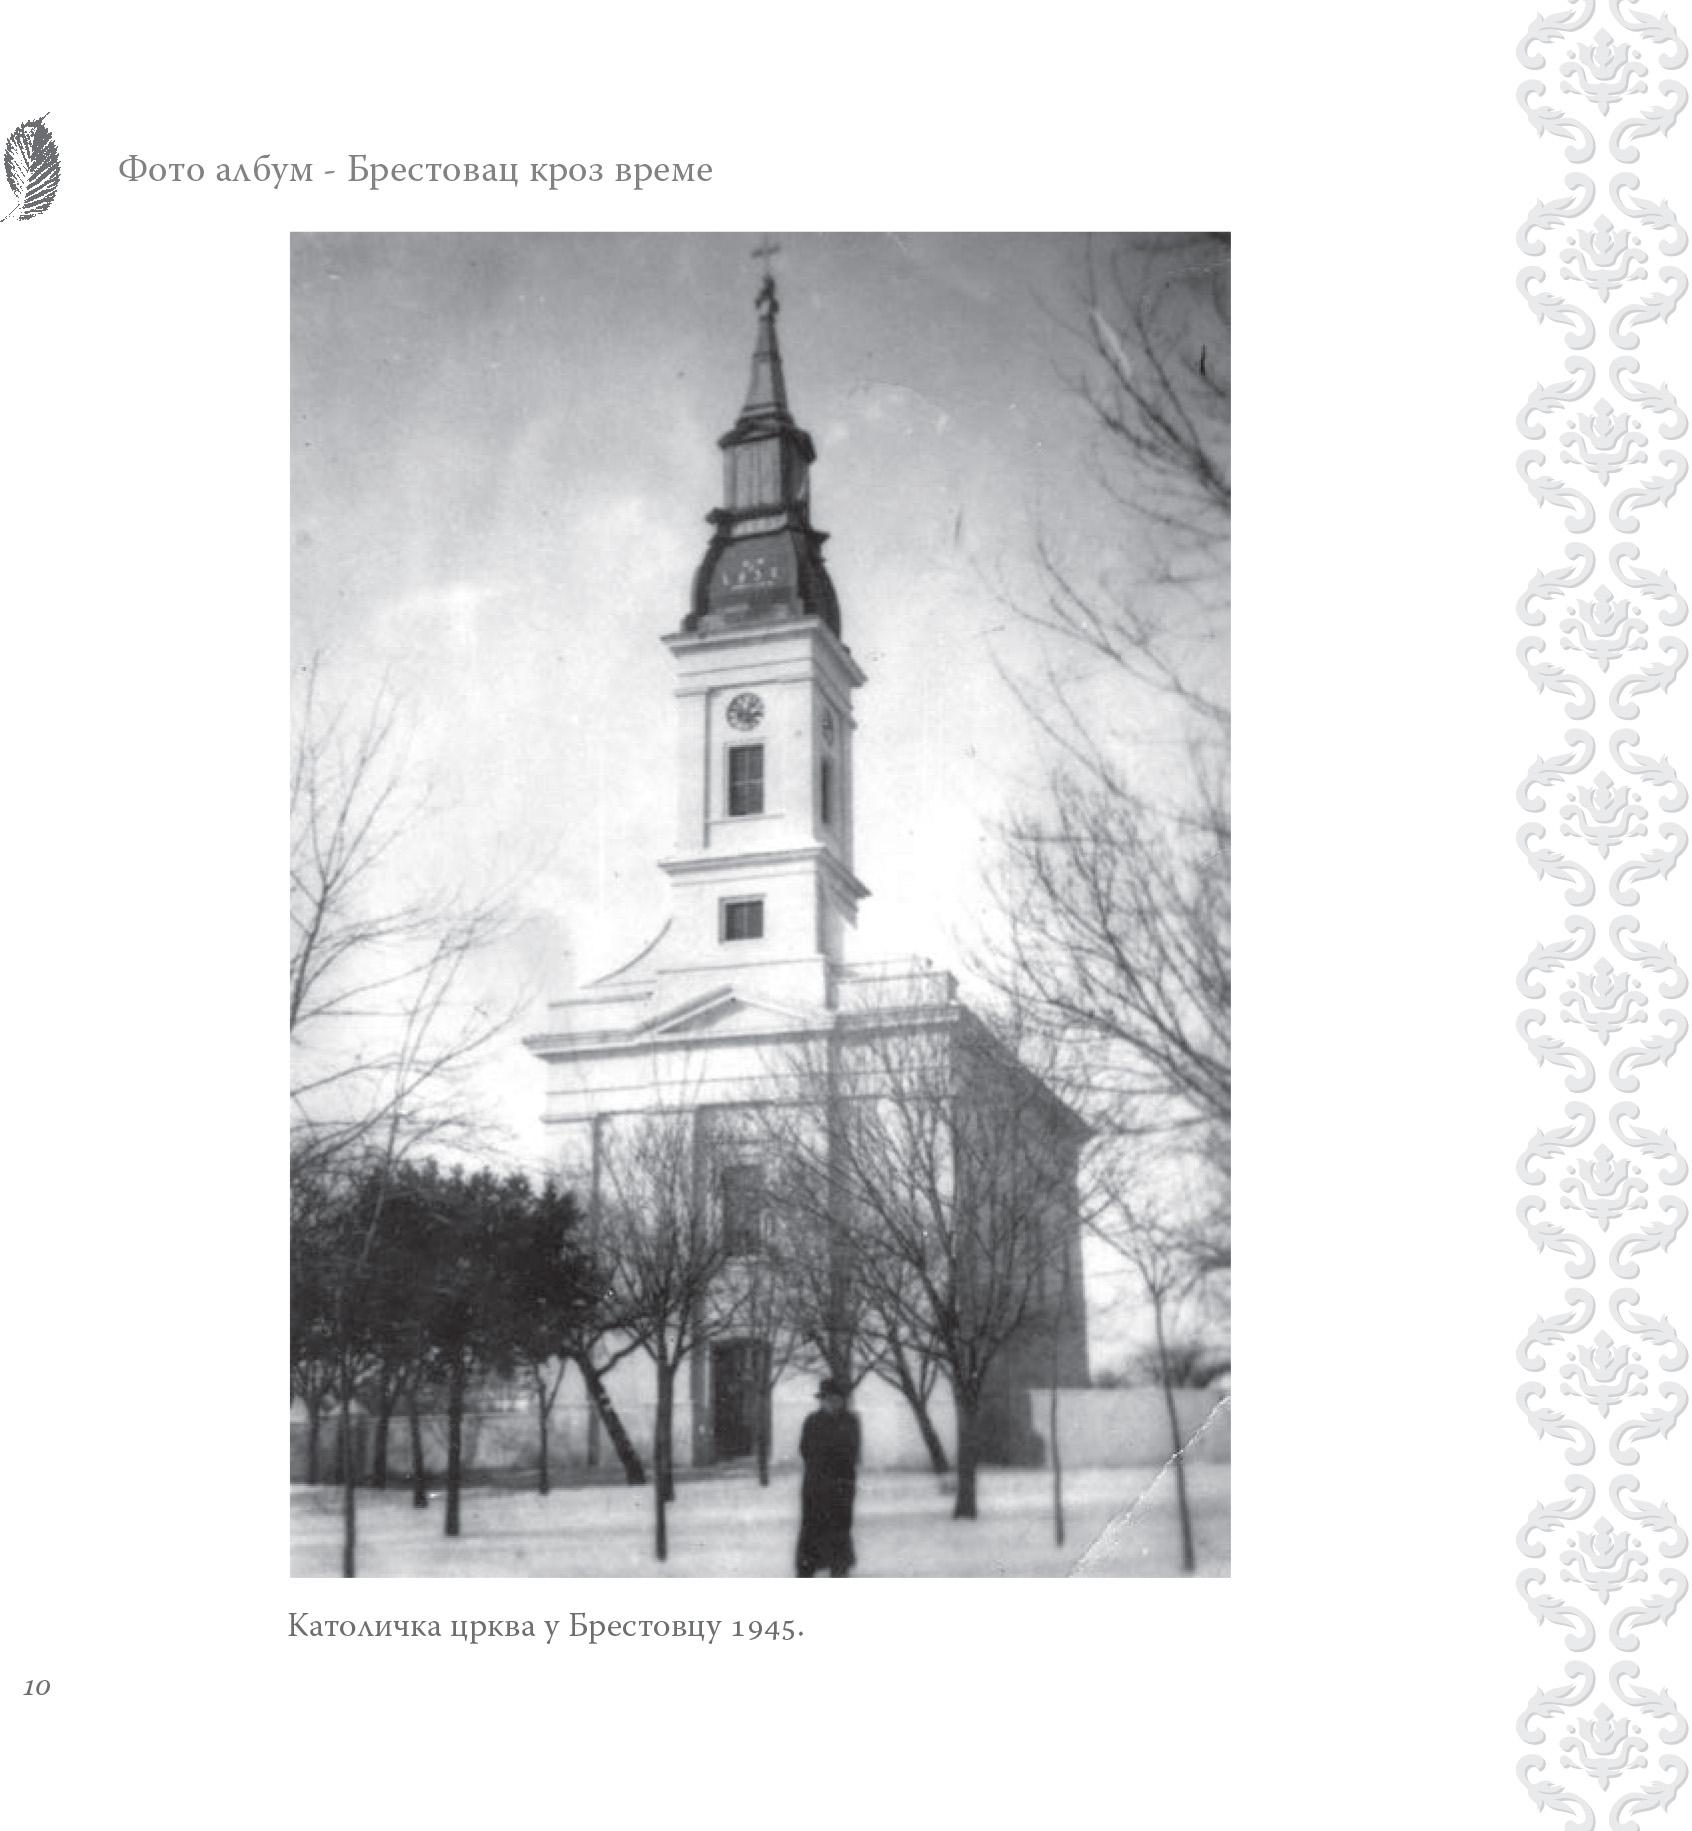 Brestovac_kroz_vreme_Foto_album_155x155_LR-10